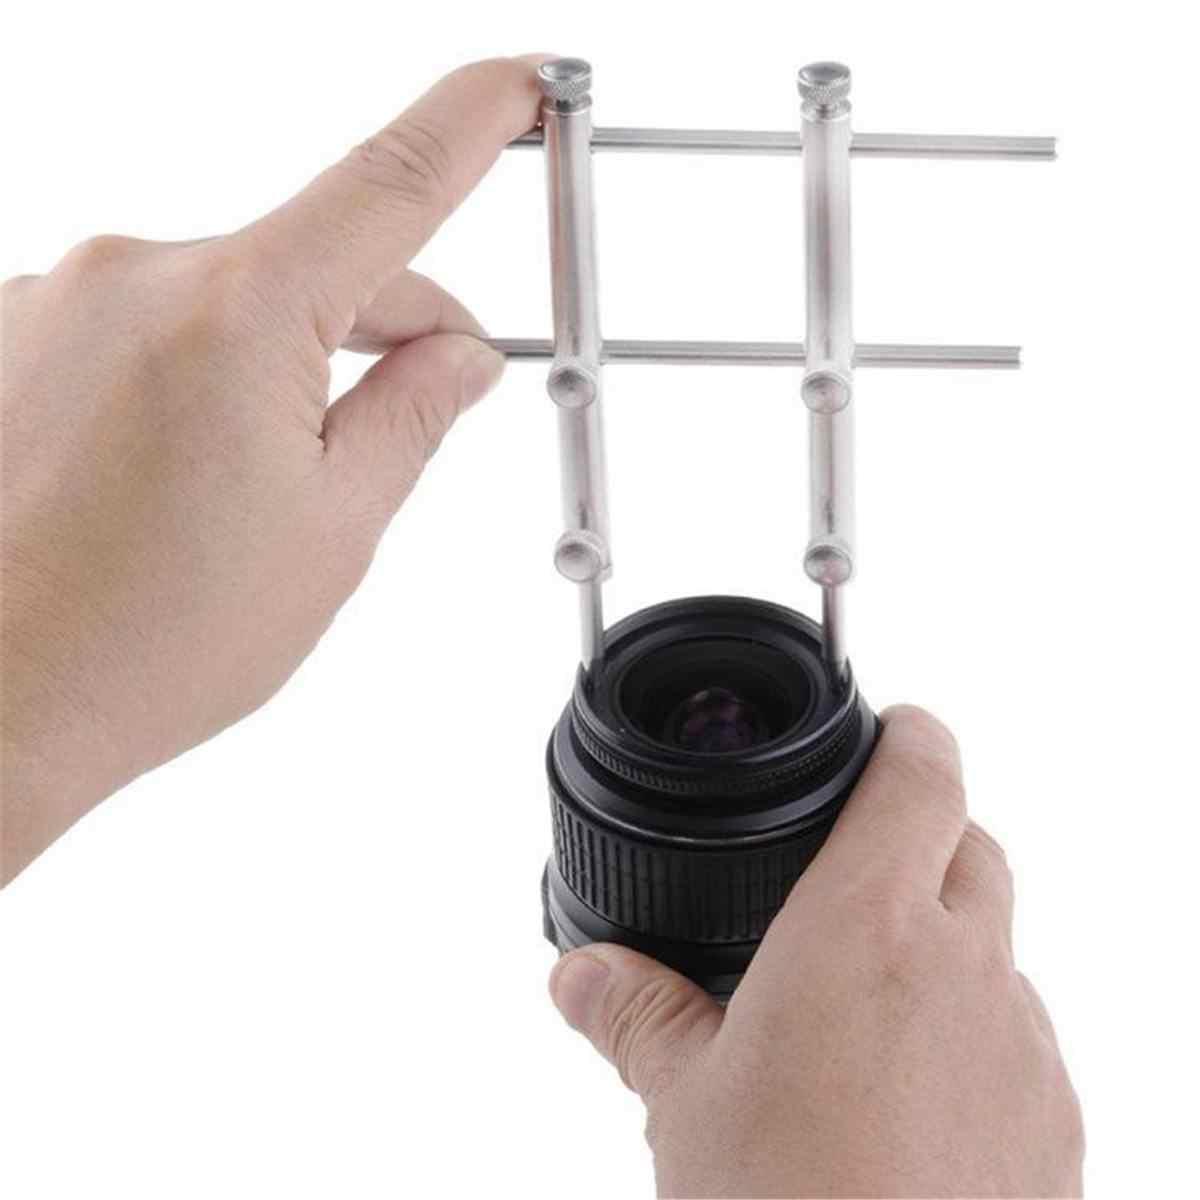 Регулируемый объектив камеры открывание ремонт гаечный ключ набор инструментов гаечный ключ 10-100 мм набор для ремонта объектива с 3 наконечниками, 6 винтовой ключ для Cano